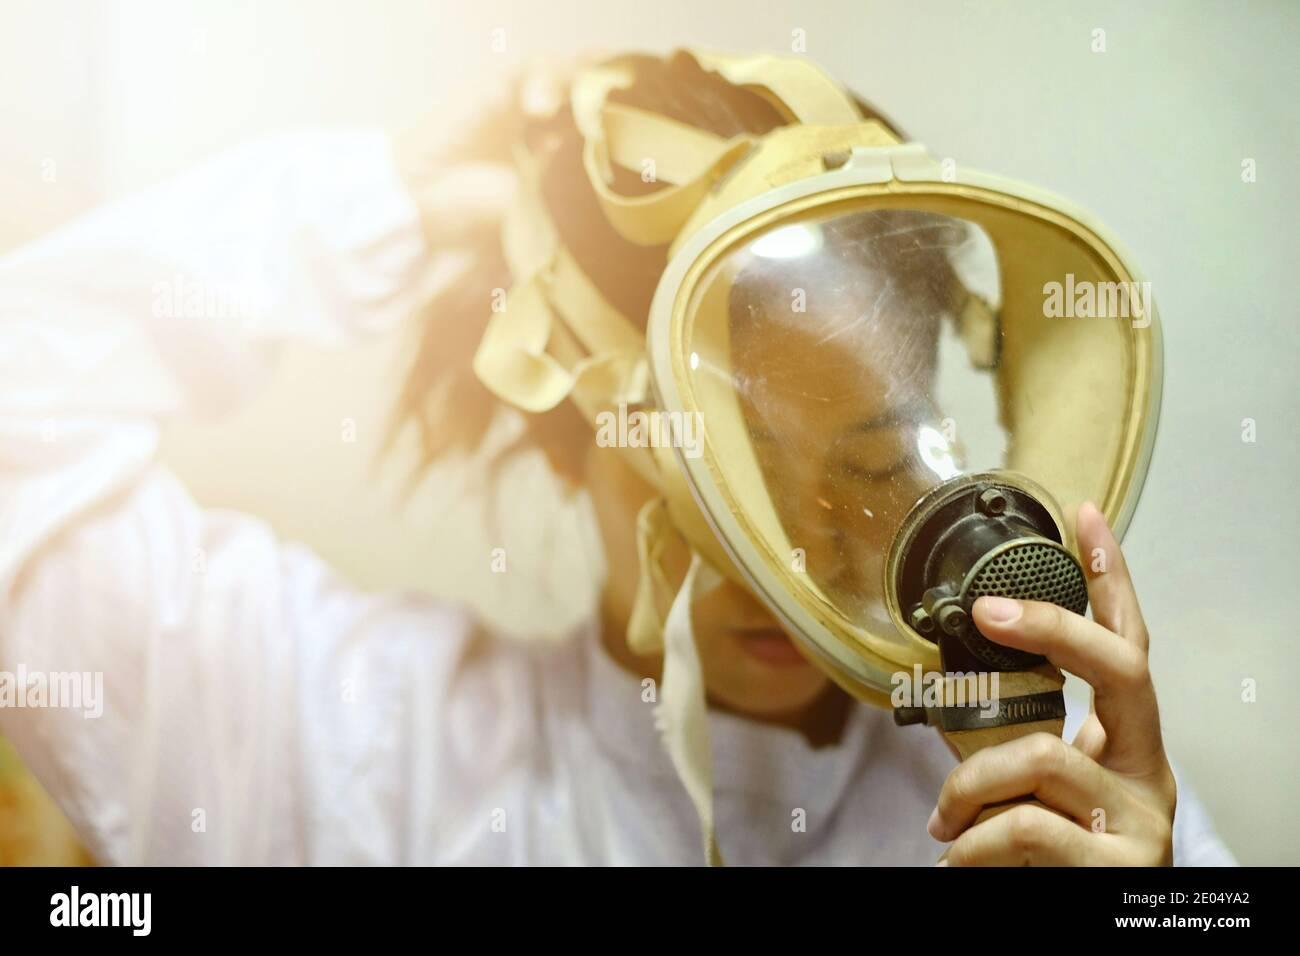 Una mujer asiática que tira de una máscara de oxígeno protector de cara completa, abrigo blanco y guantes de goma, preparándose para trabajar en un laboratorio bioquímico. Foto de stock